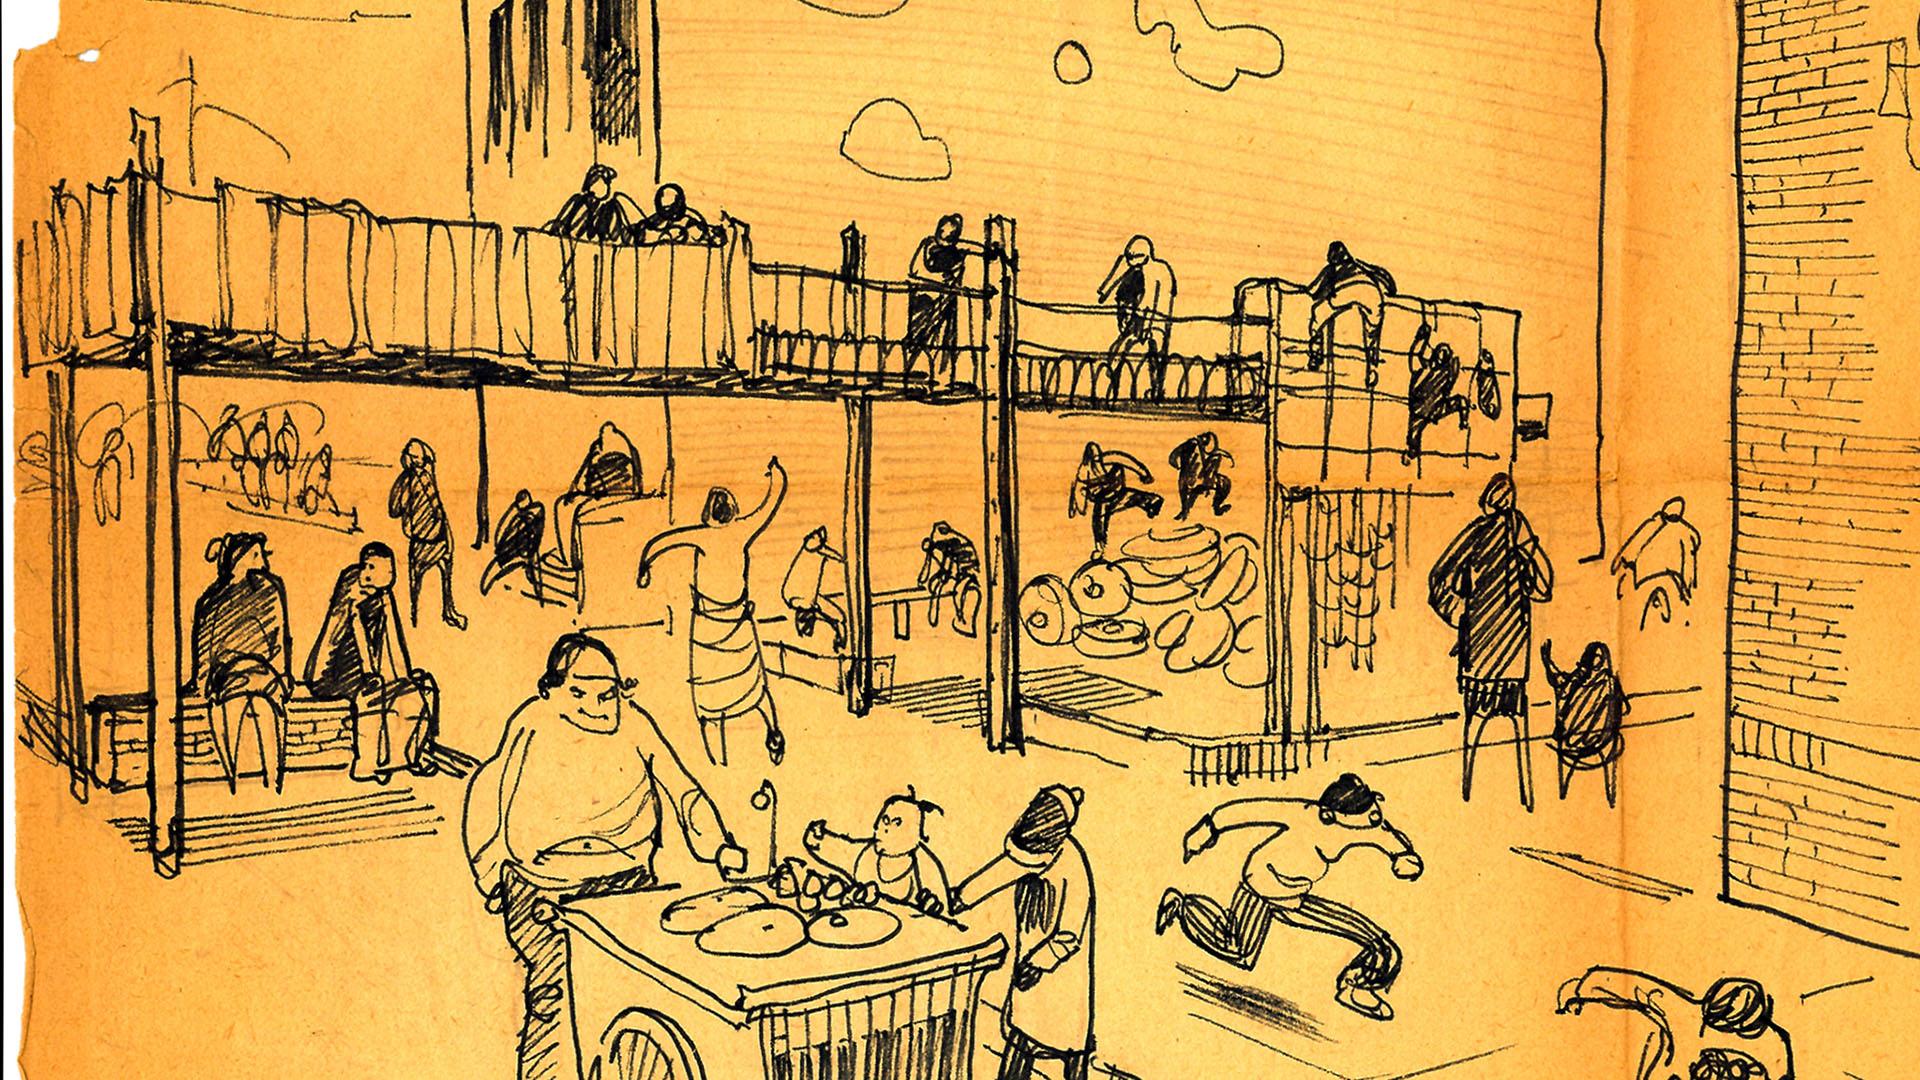 多向匯集的人生:從建築到都市設計.從台灣到美國(上)